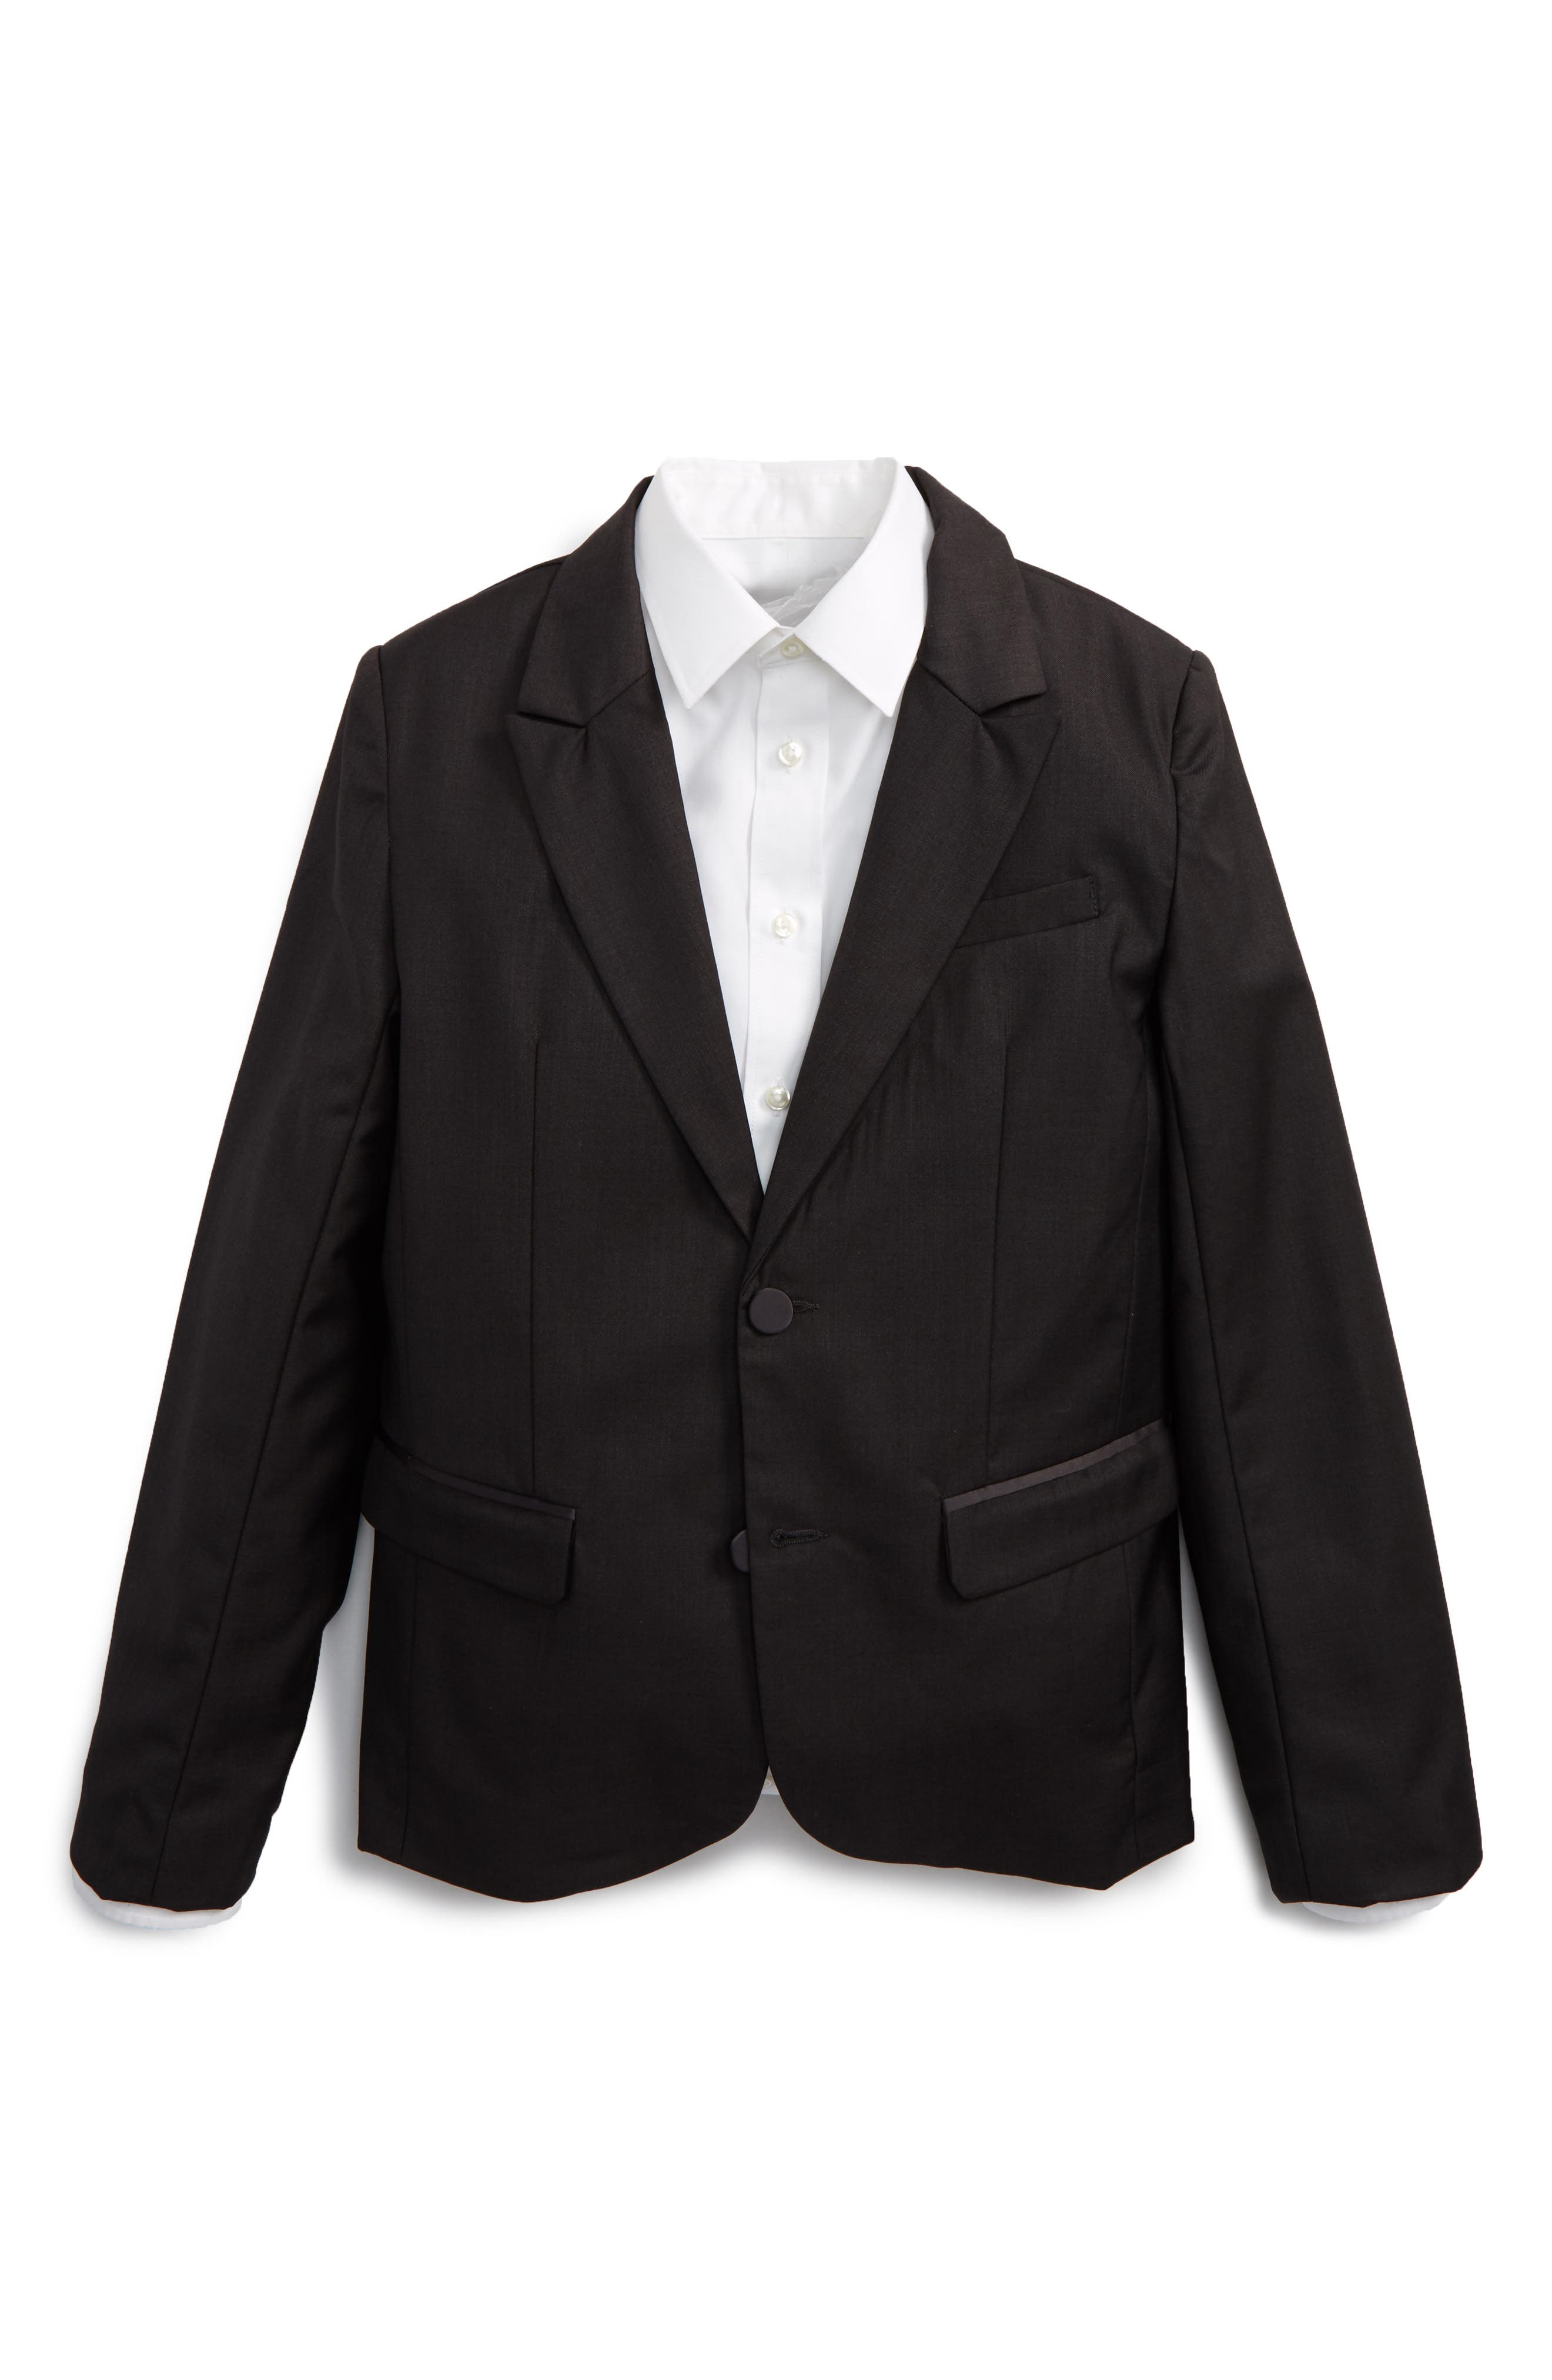 Harry Suit Jacket,                         Main,                         color, Charcoal